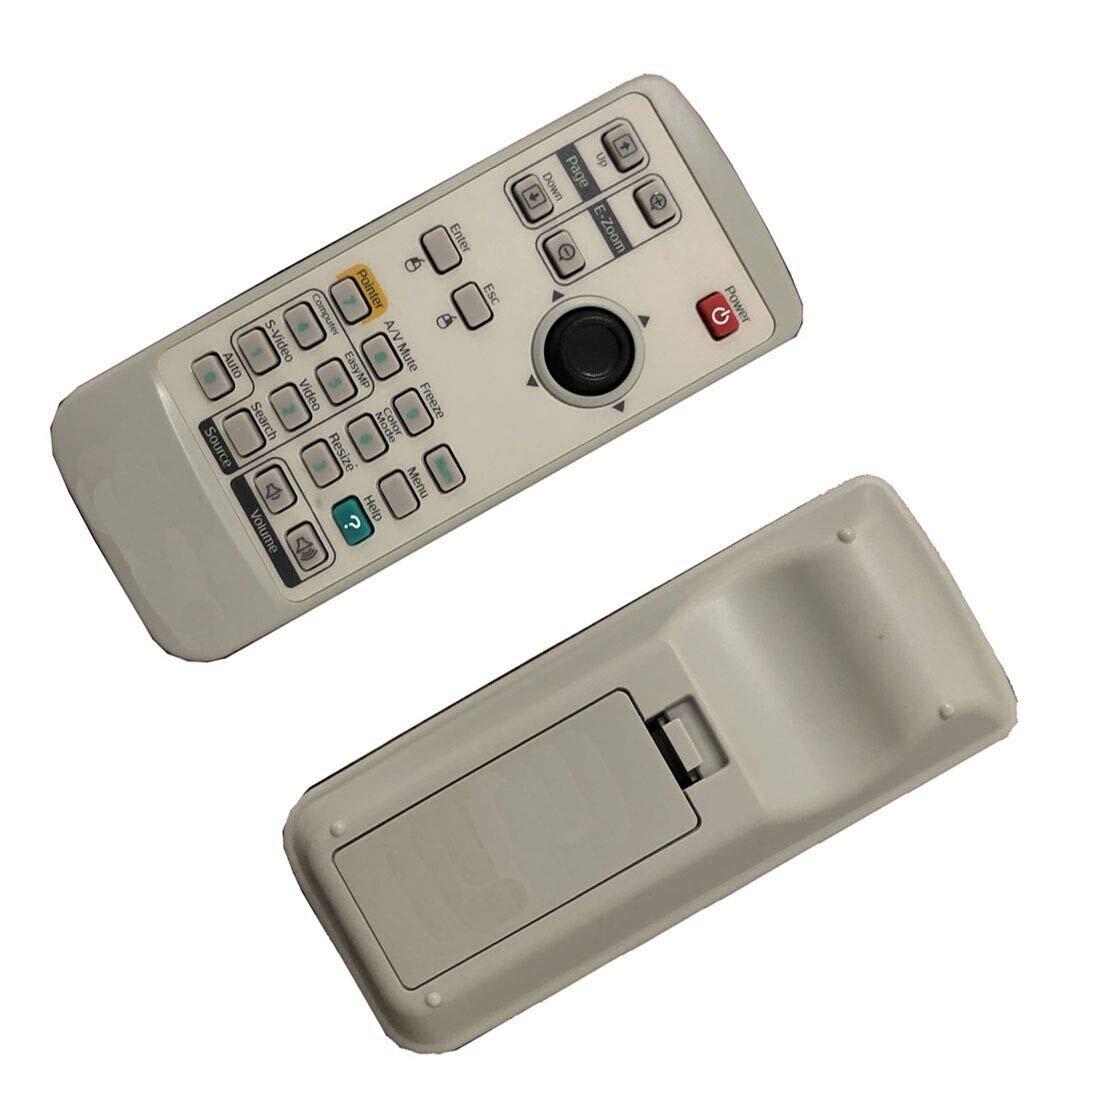 Epson Telecomando per EB-1720, EB-1723, EB-1725, EB-1735W, EB-1730W